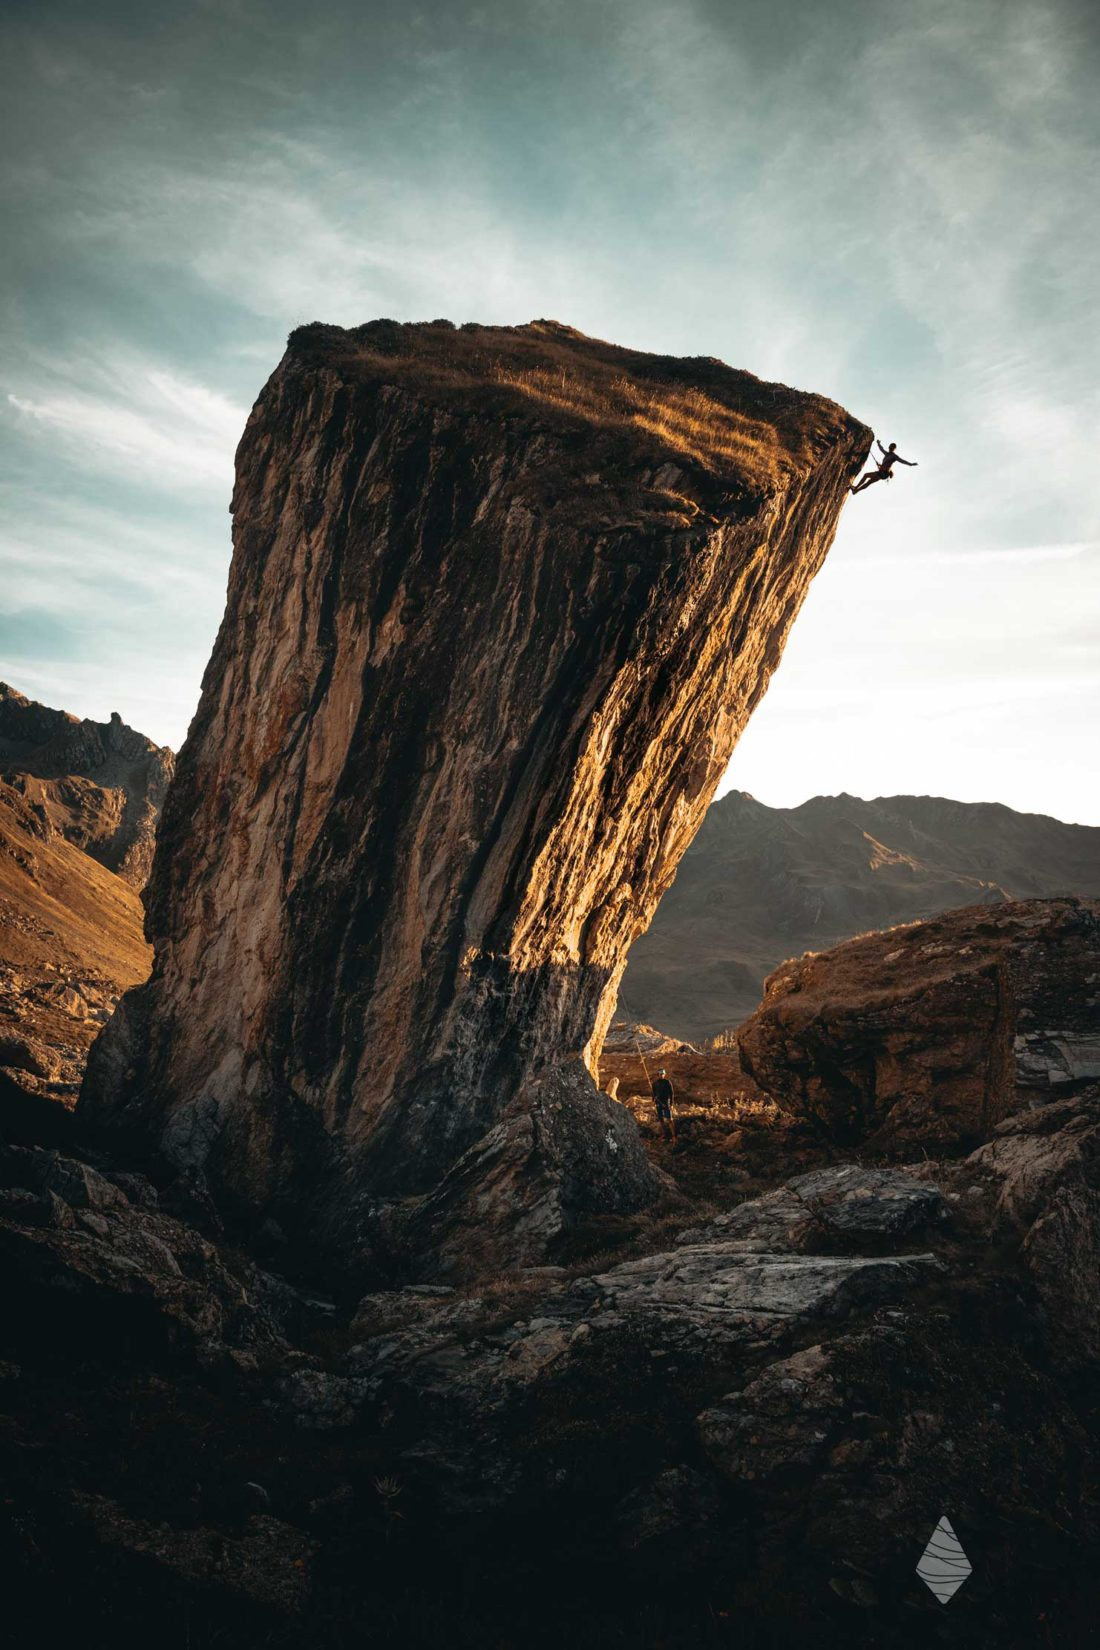 Photo du bloc monolithe avec un grimpeur au sommet